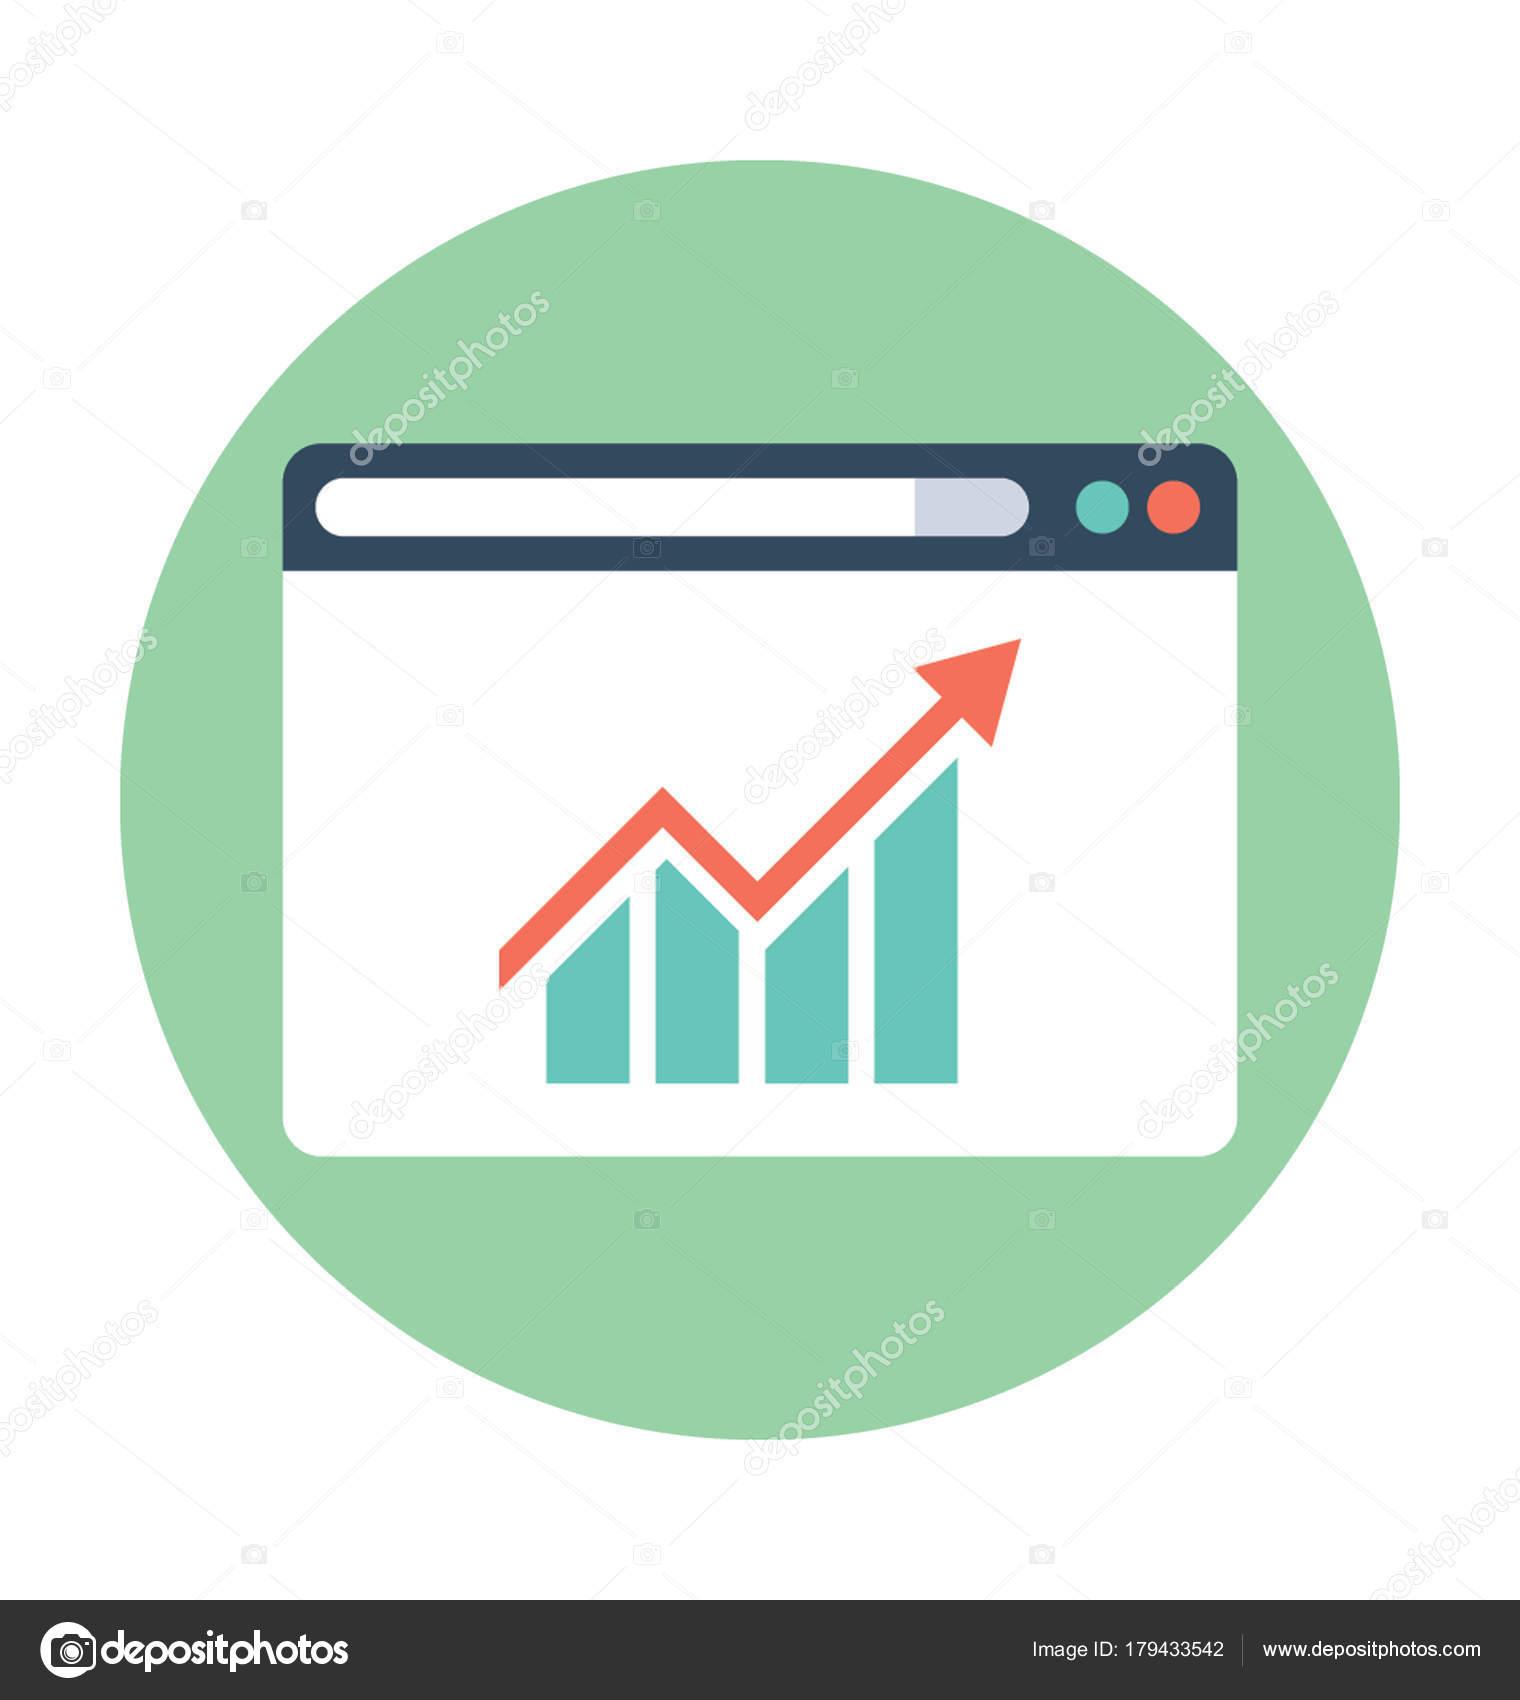 vetor web analytics plana Ícone vetores de stock vectorsmarket